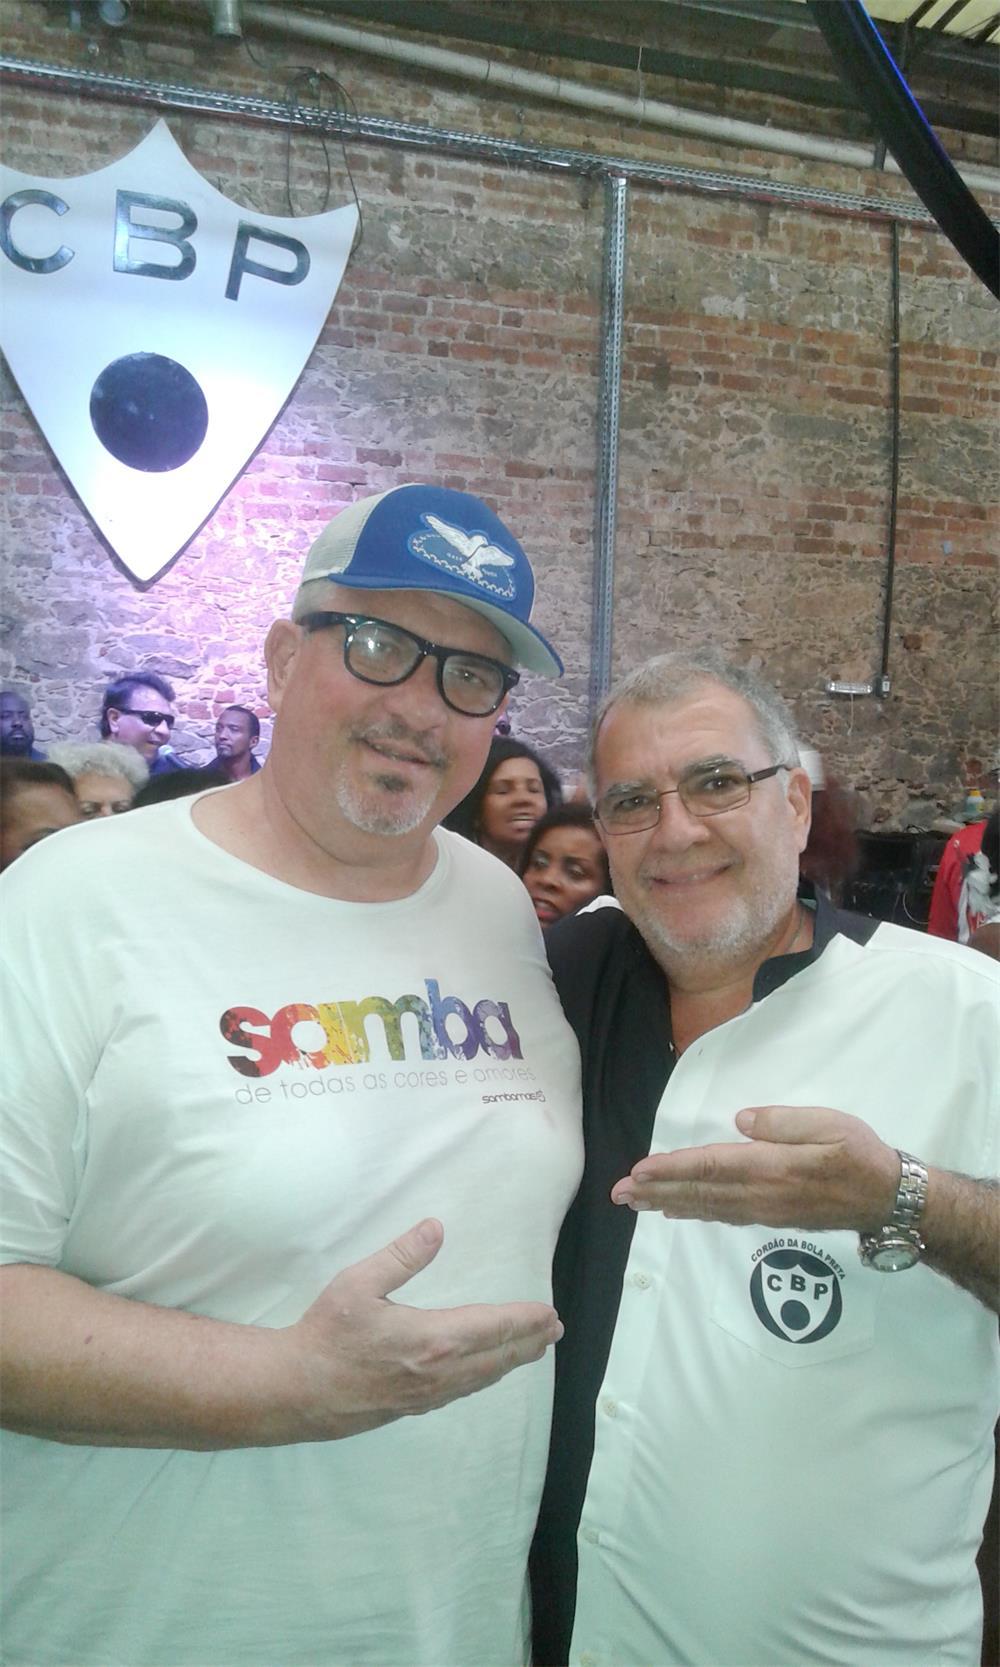 No clique Arnaldo Rippel e o Presidente do Cordão da Bola Preta Pedro  Ernesto Marinho. 61ae0c42f01